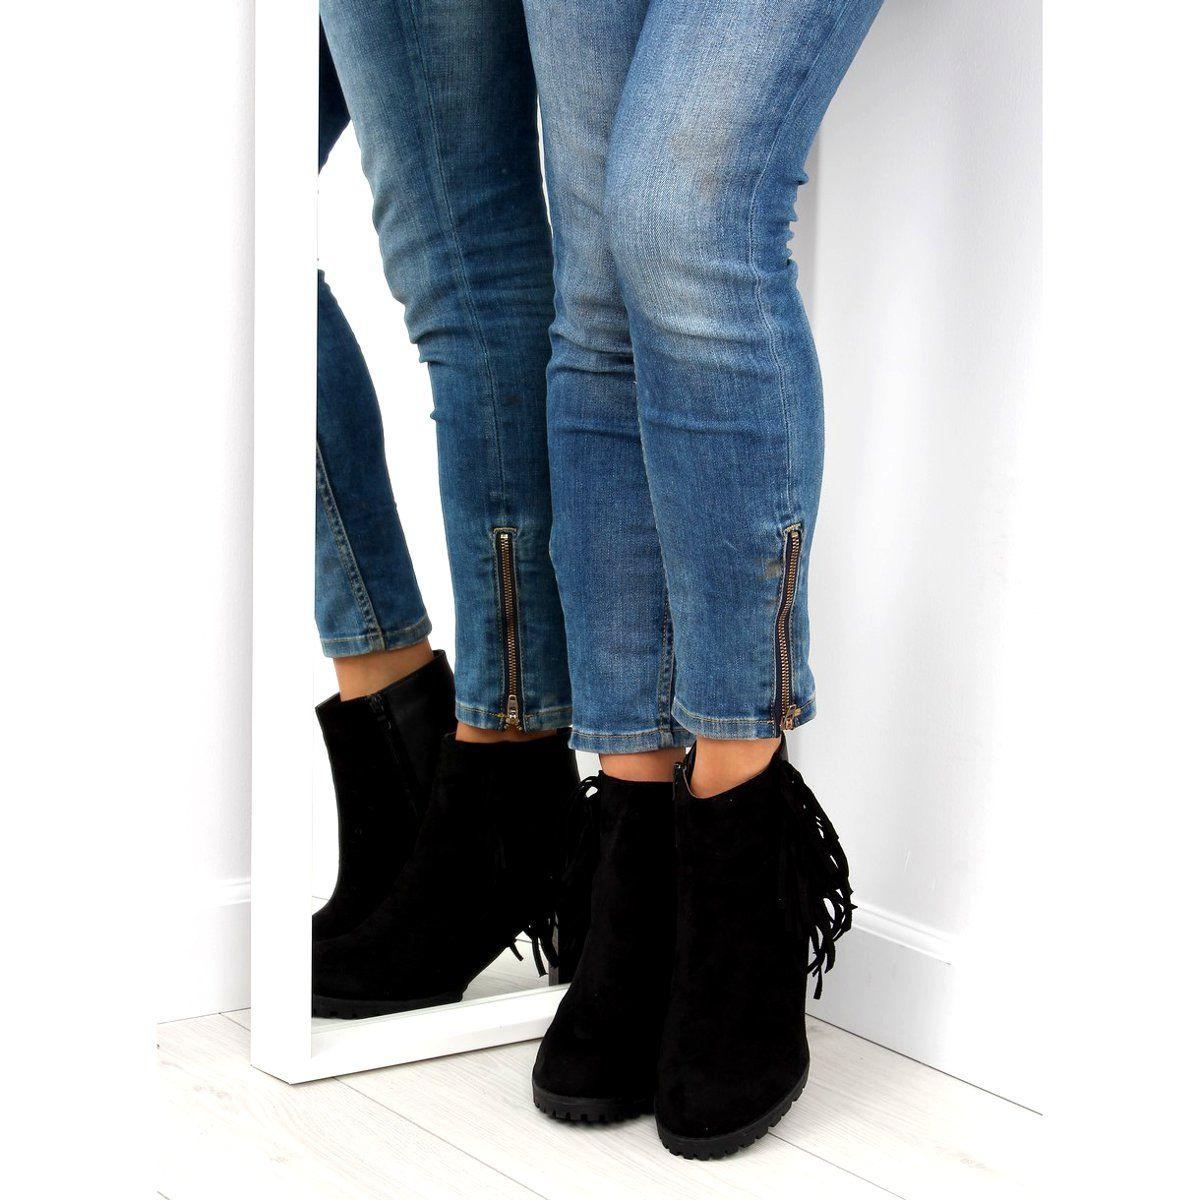 Botki Damskie Obuwiedamskie Botki Licowo Zamszowe Z Fredzlami Czarne Obuwie Damskie Black Jeans Fashion Black